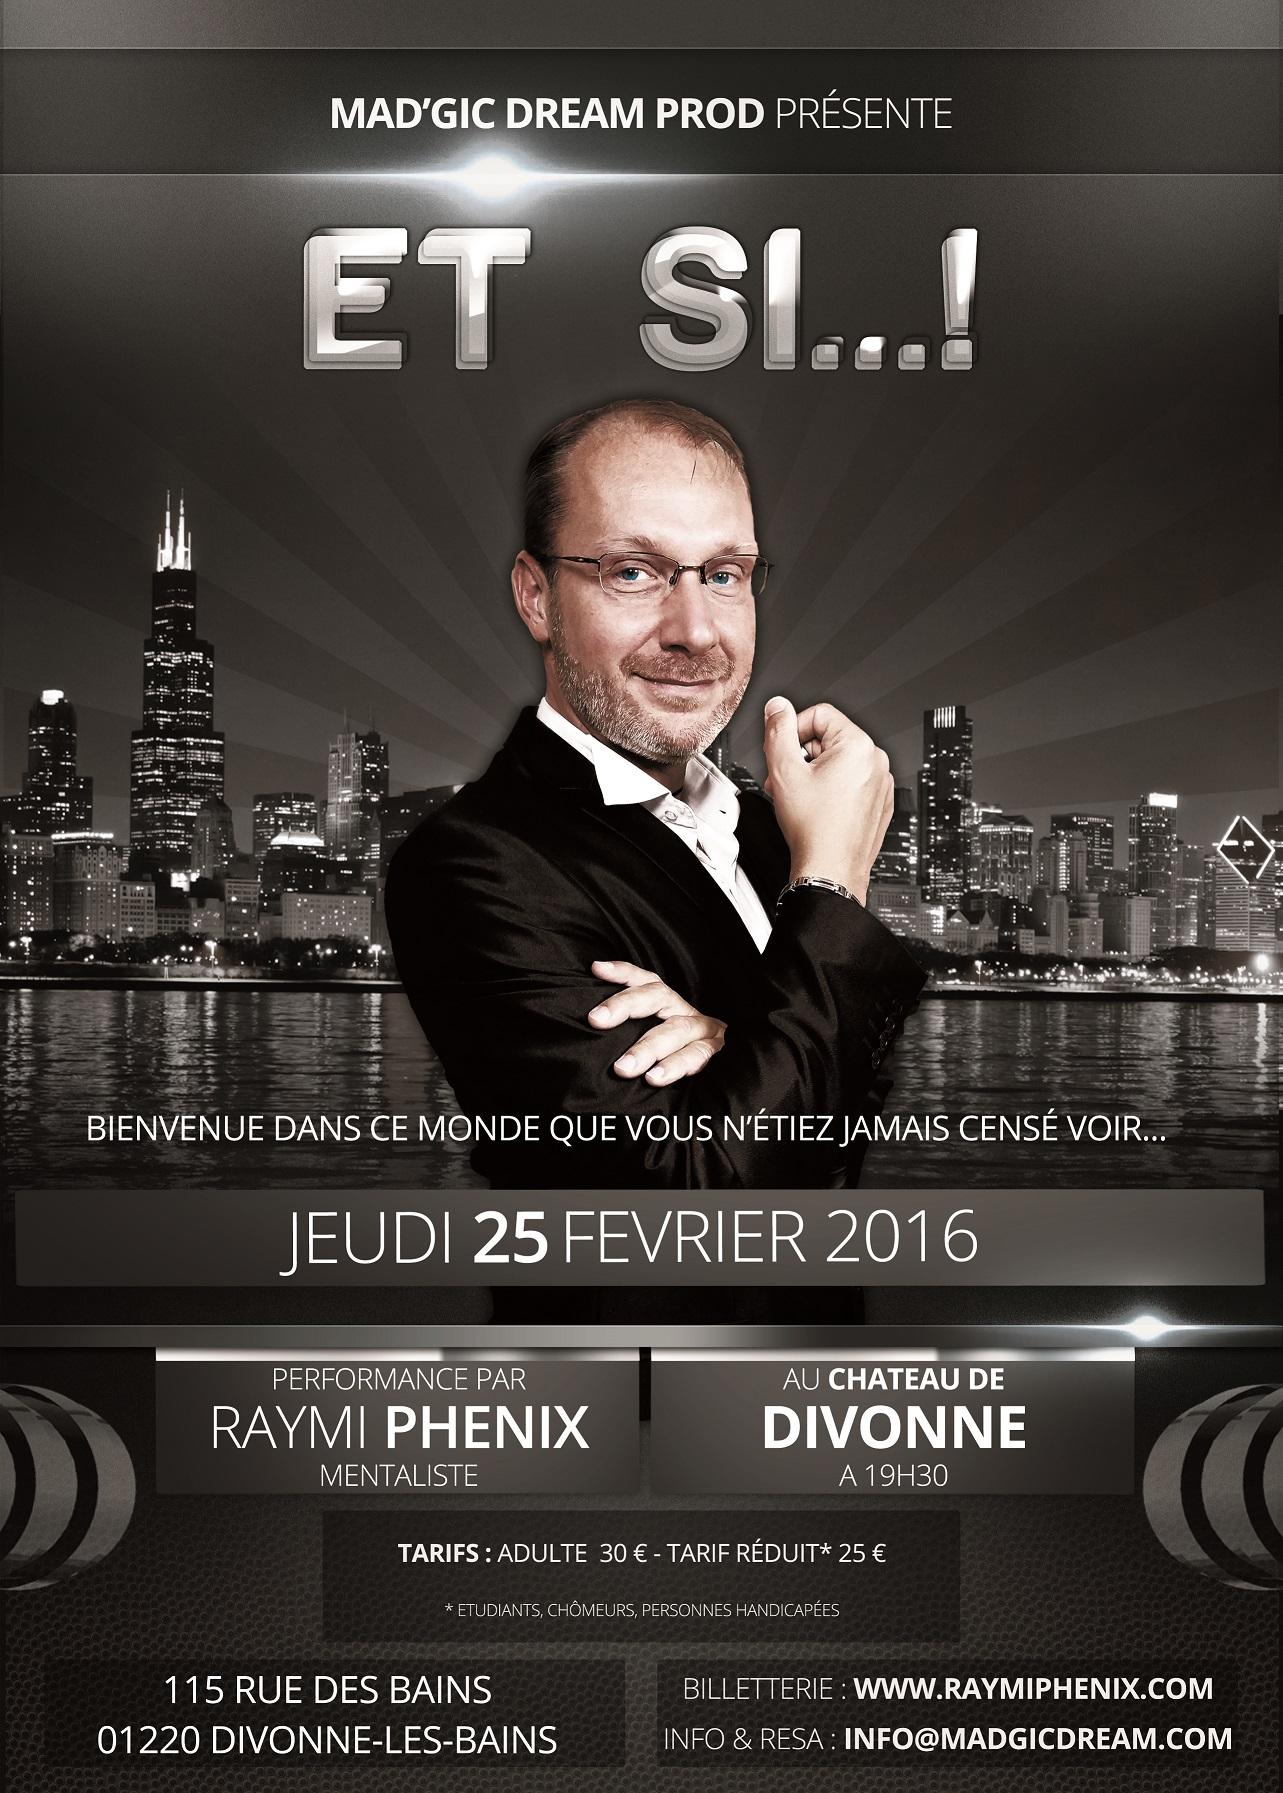 Rencontre avec RAYMI PHÉNIX, prochainement en représentation à Divonne